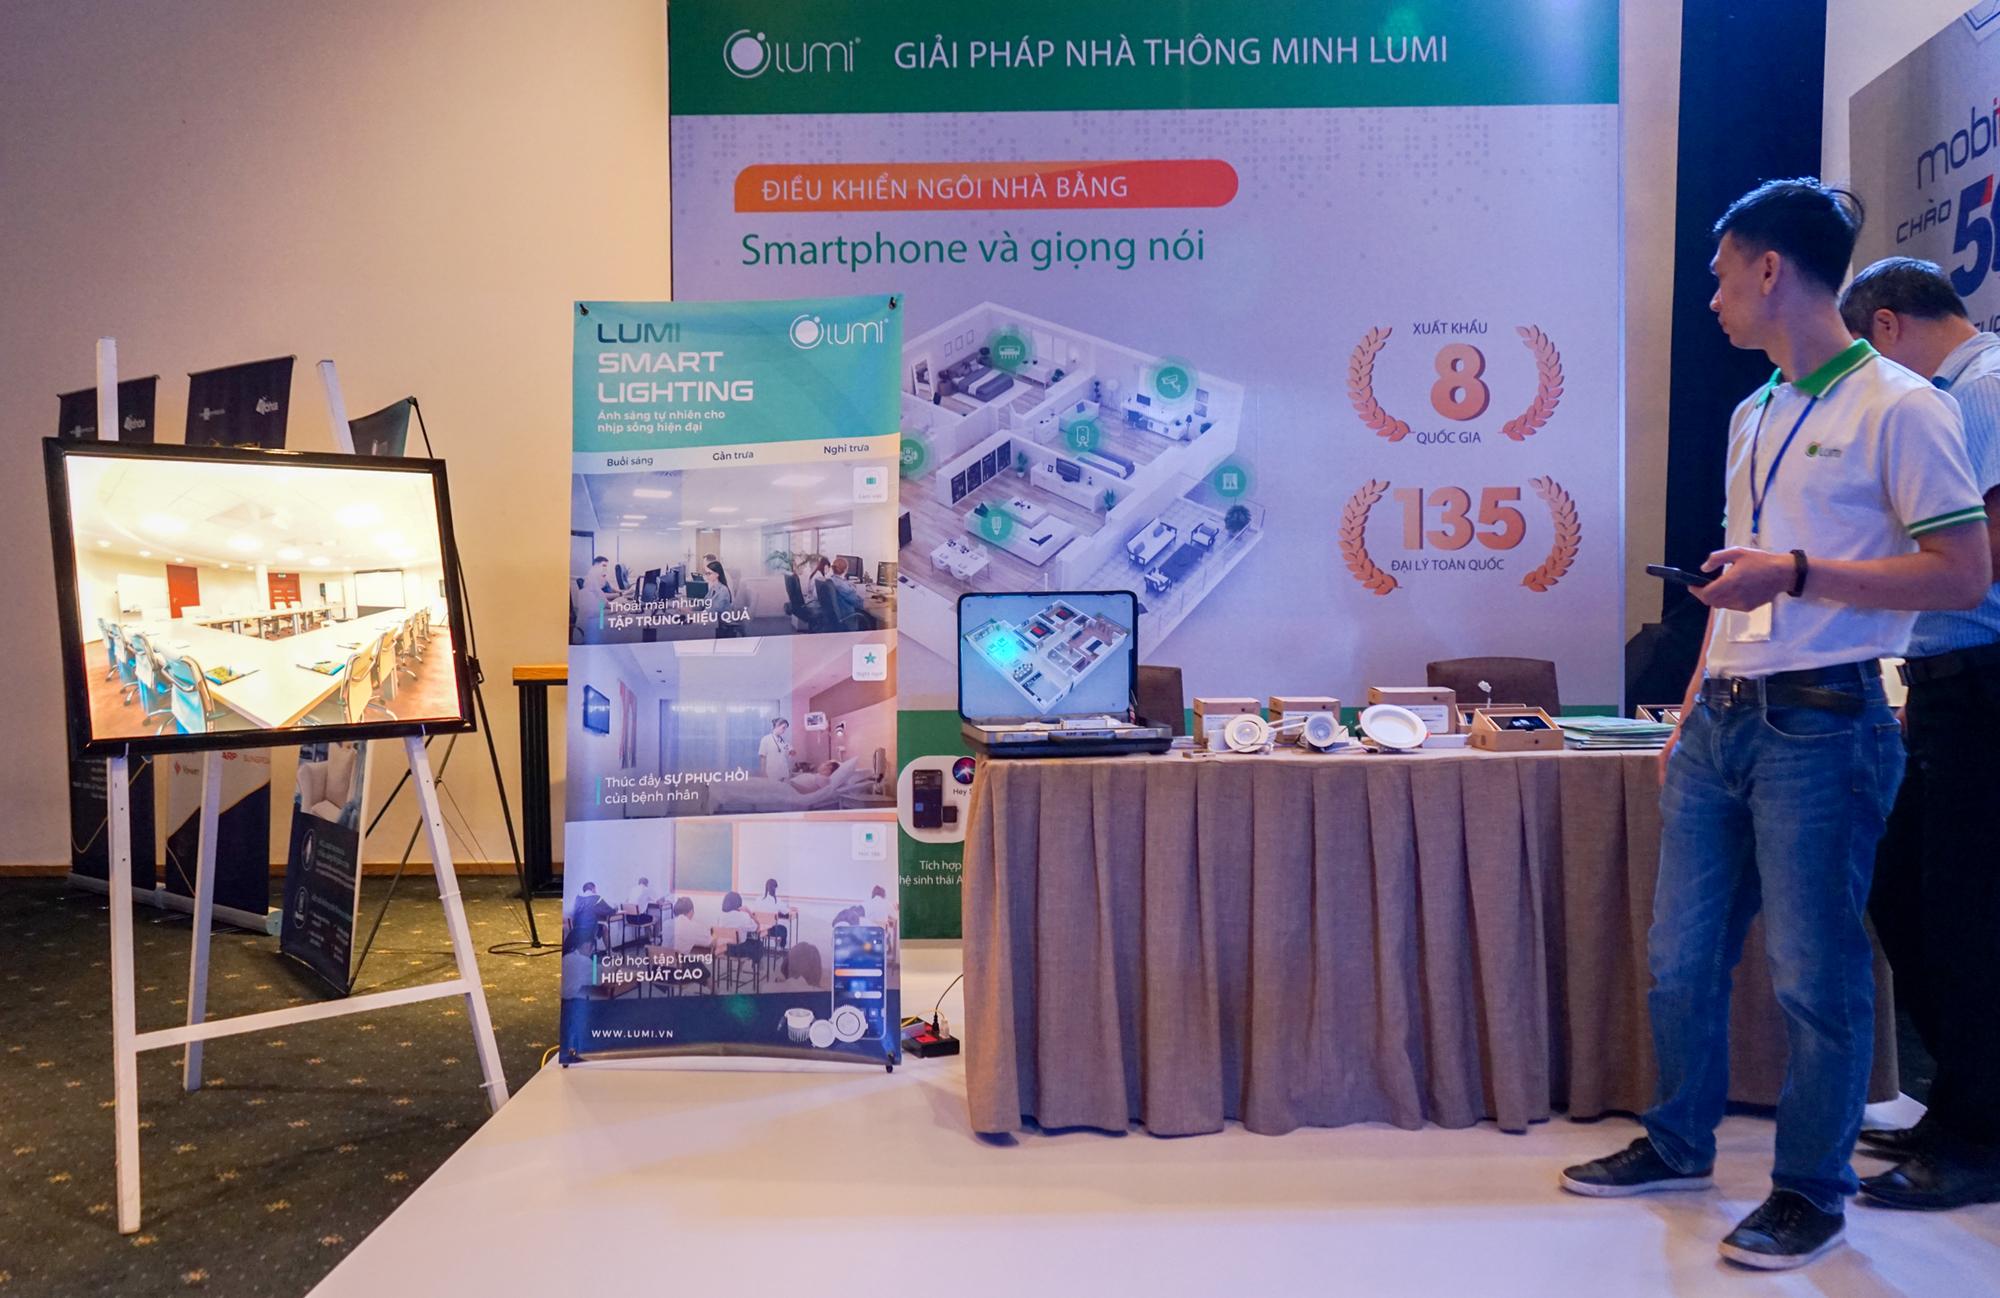 Hệ thống nhà thông minh của Lumi tại Tech Awards 2020